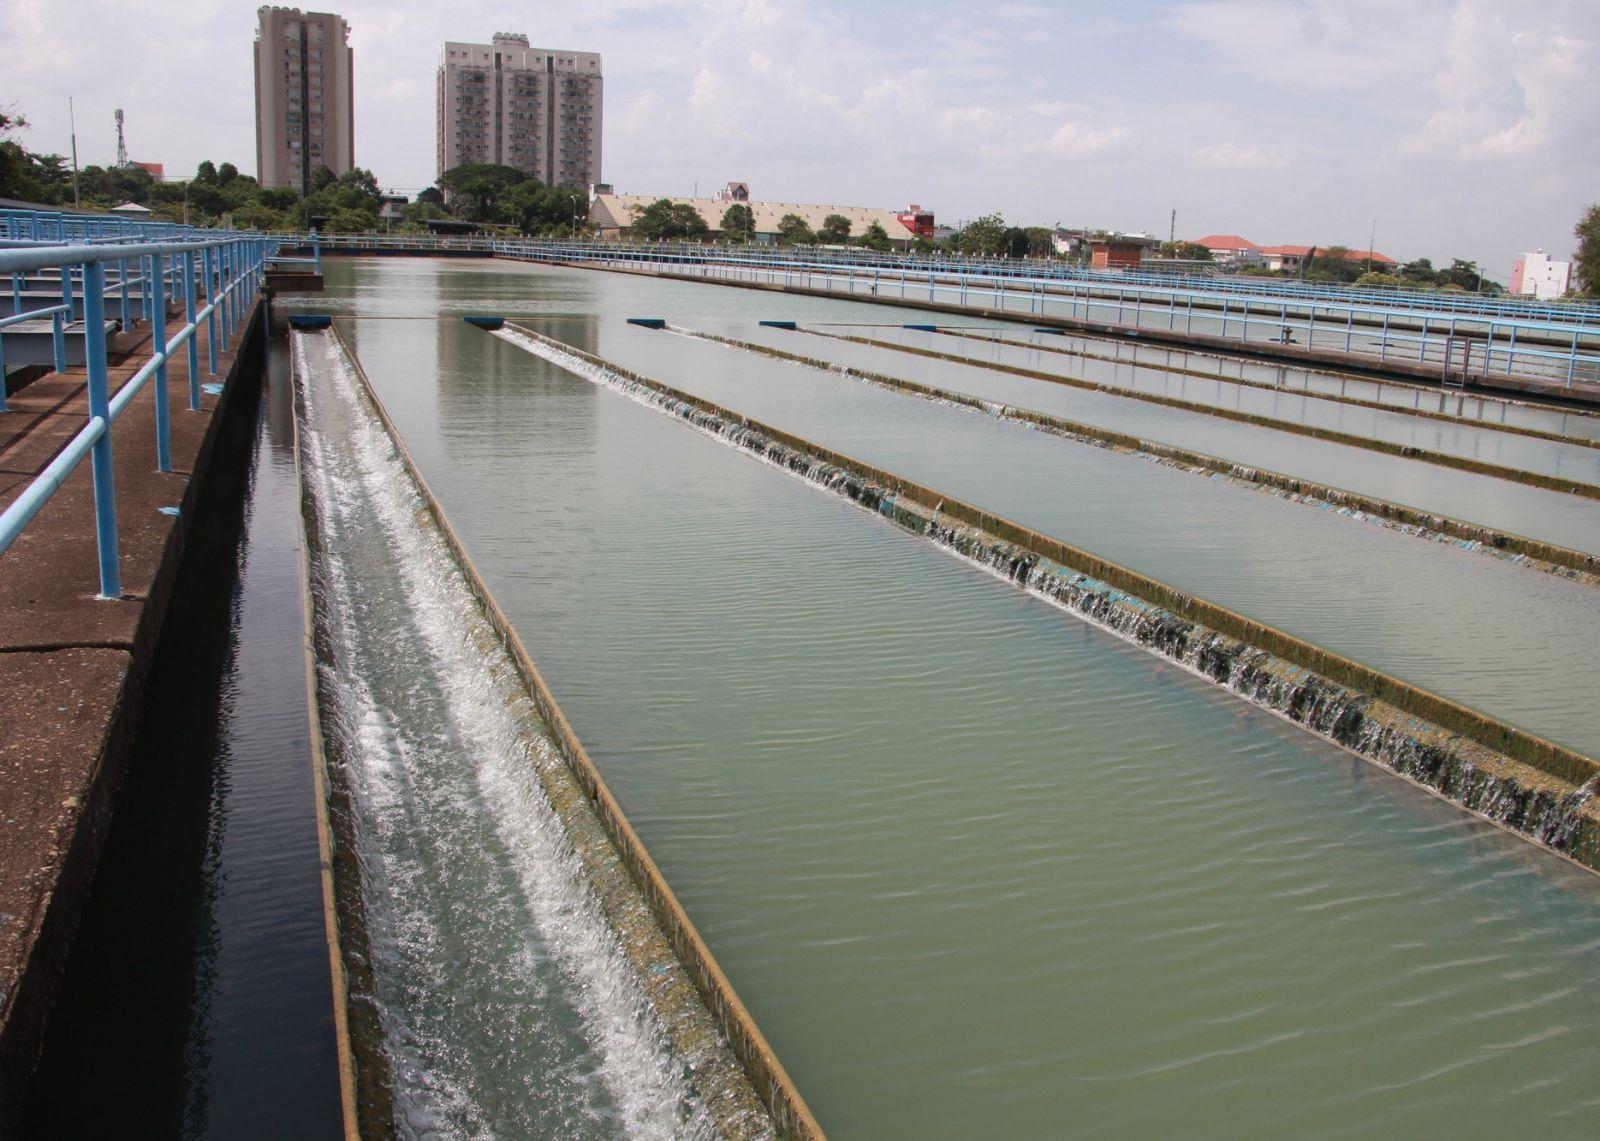 2227/Kinh doanh nước sạch cần những điều kiện gì?